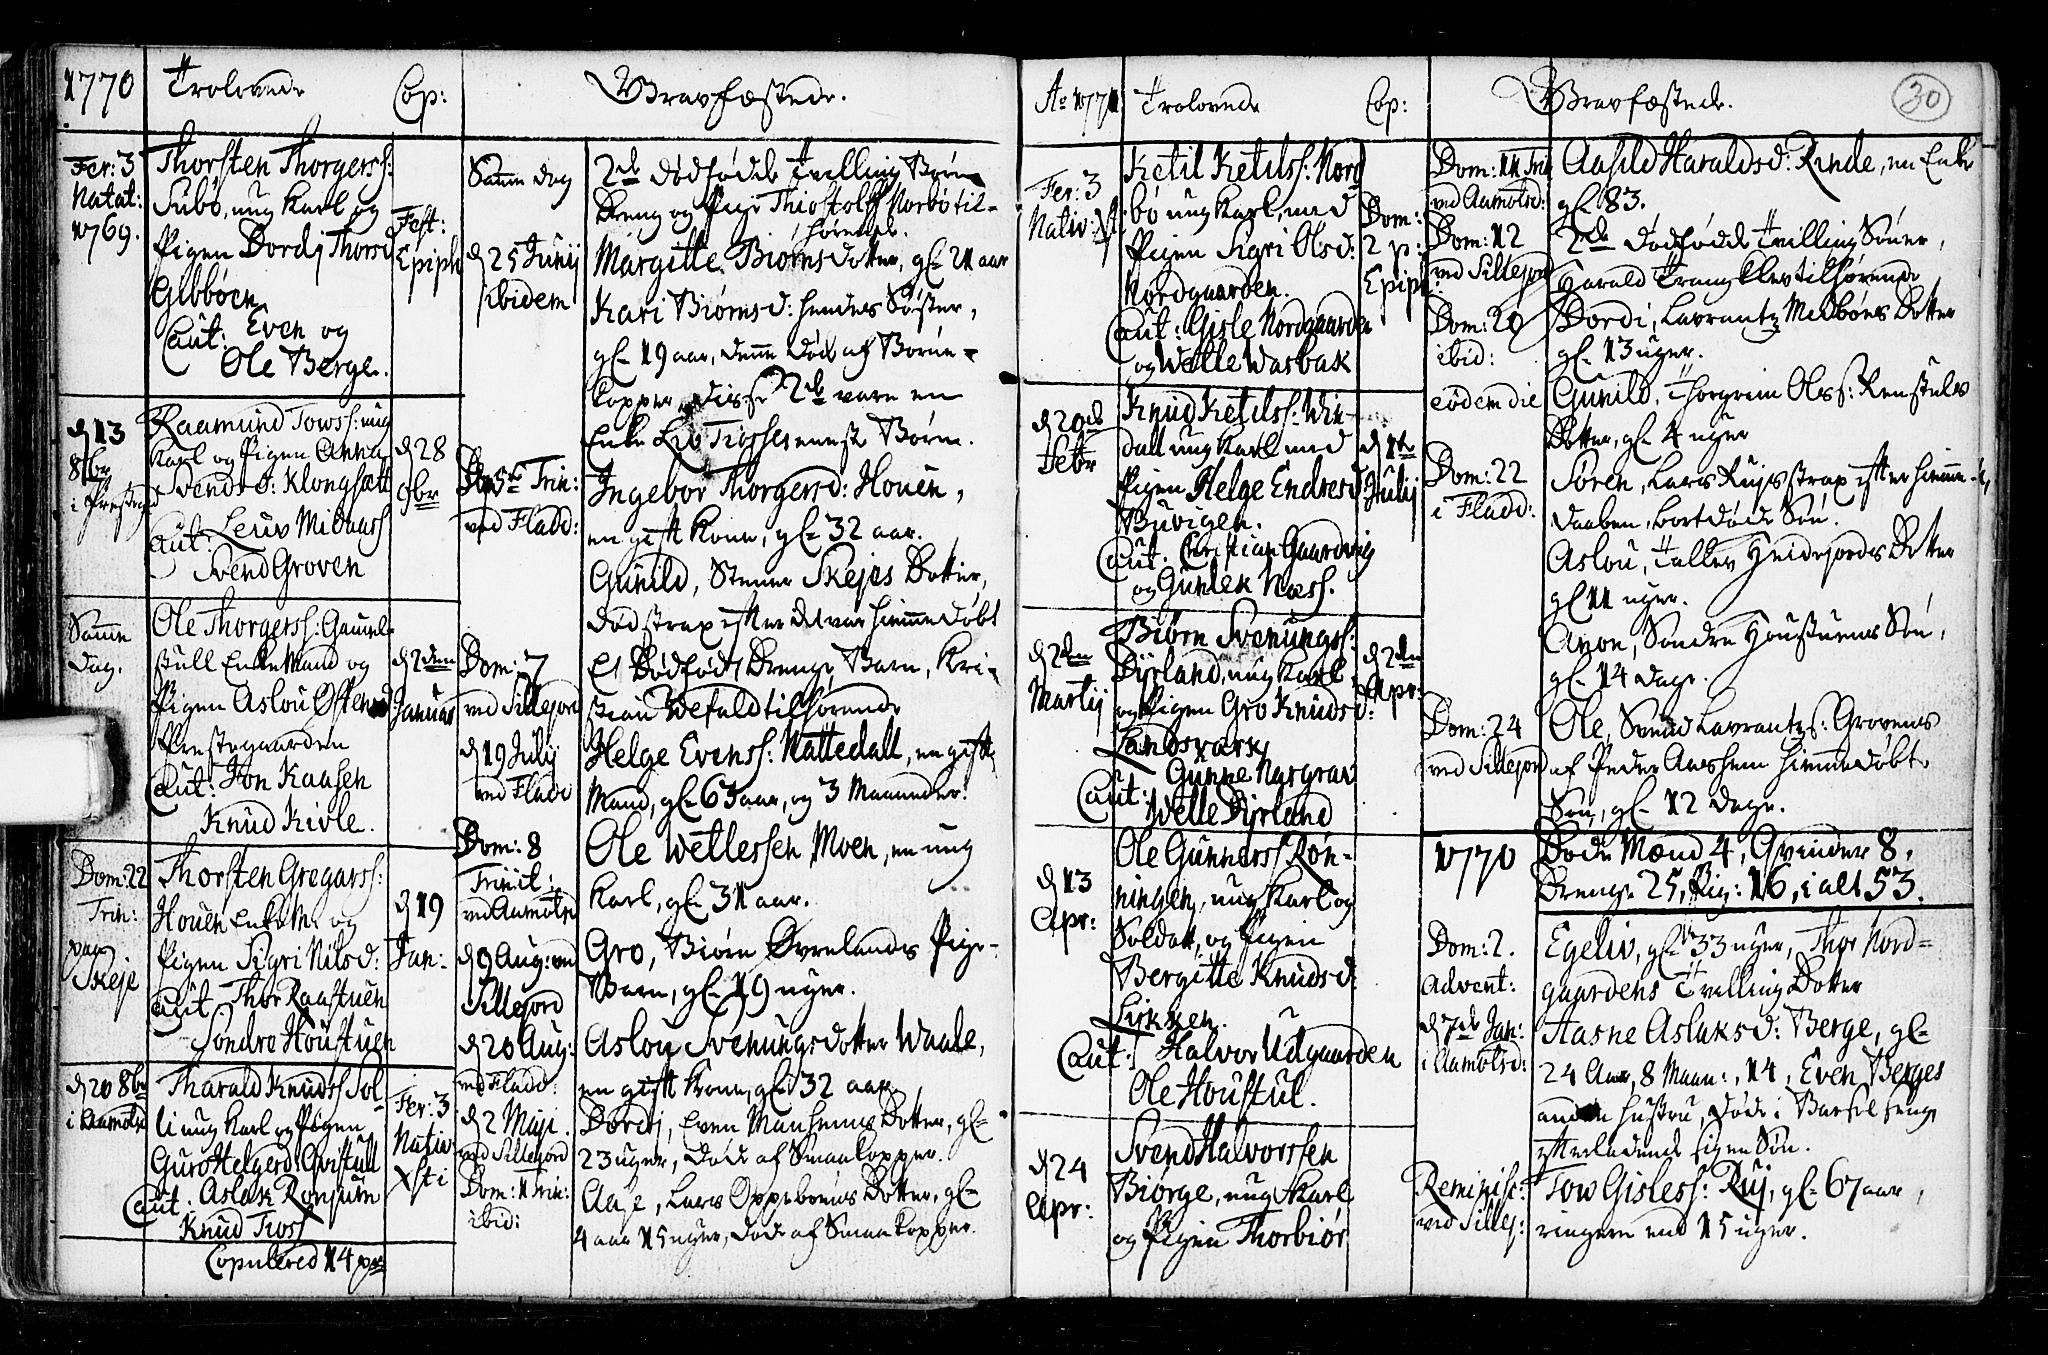 SAKO, Seljord kirkebøker, F/Fa/L0008: Ministerialbok nr. I 8, 1755-1814, s. 30